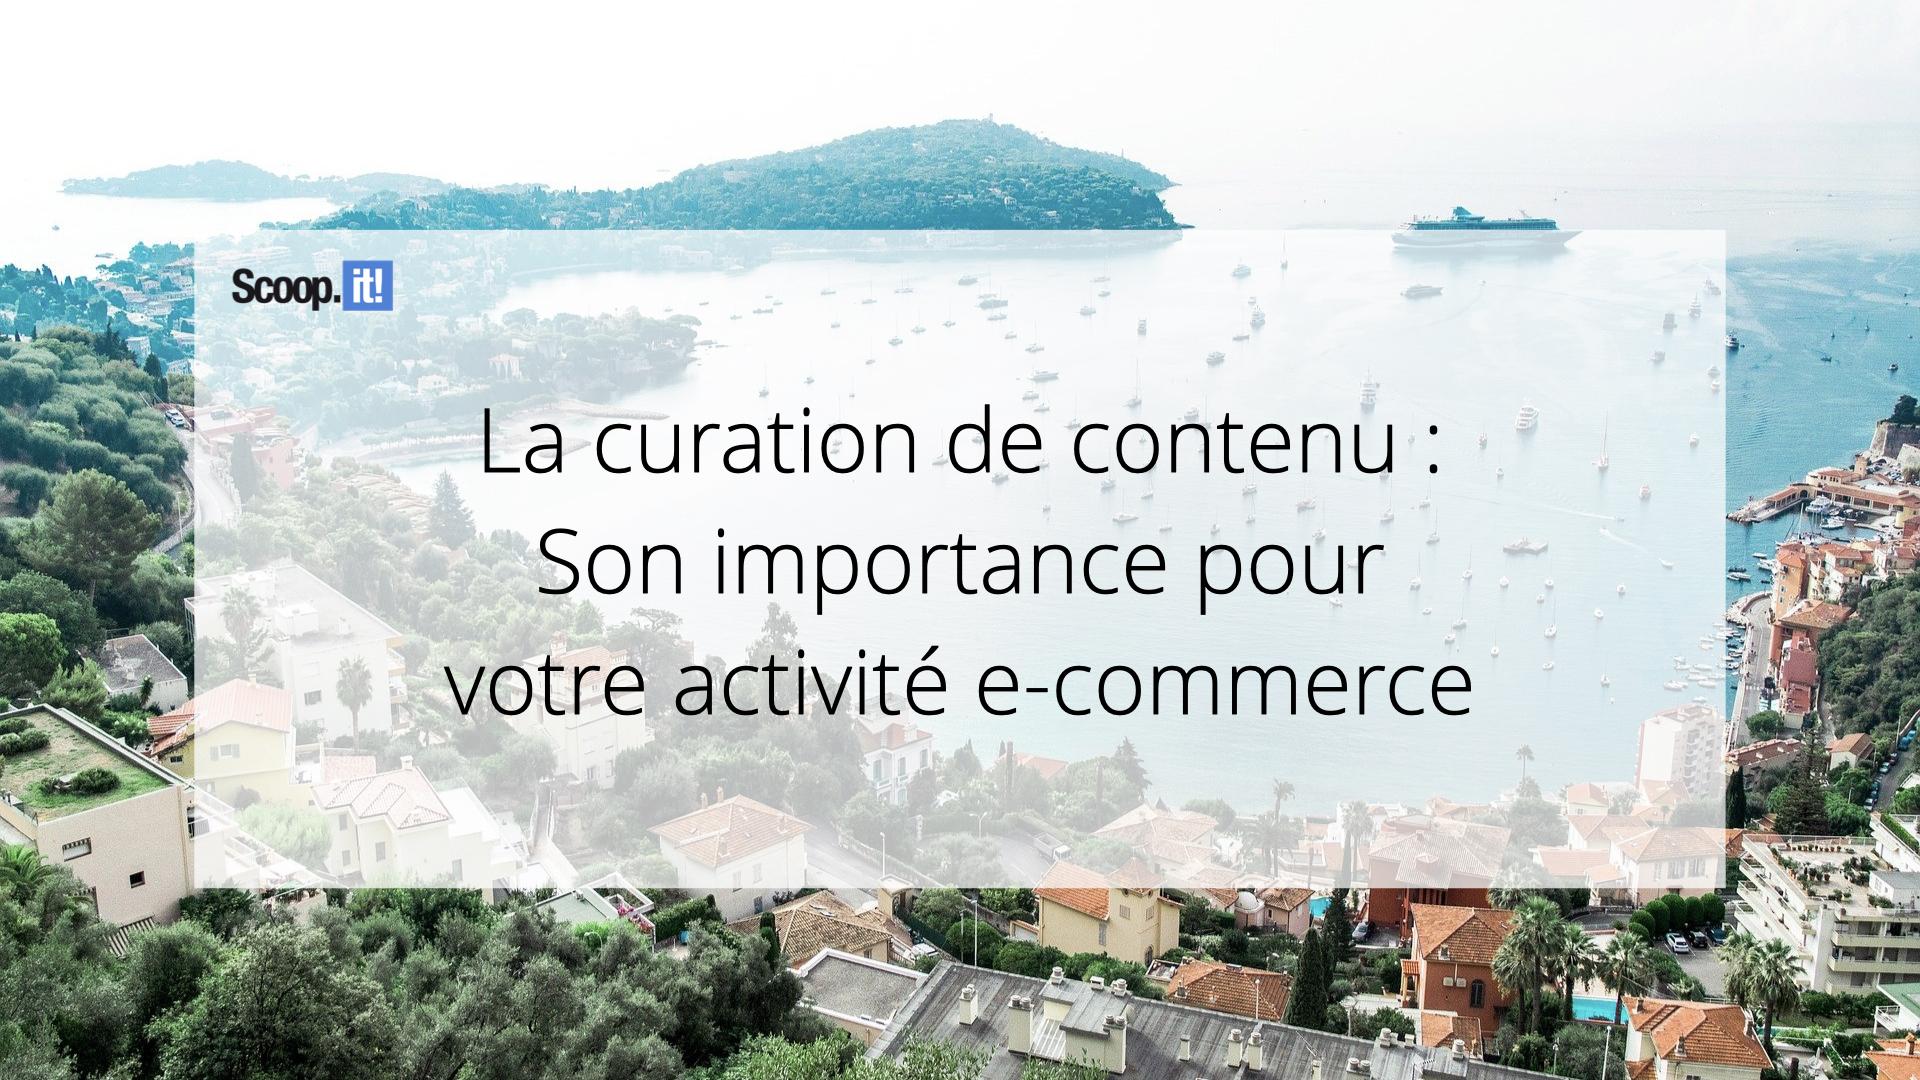 La curation de contenu : son importance pour votre activité e-commerce